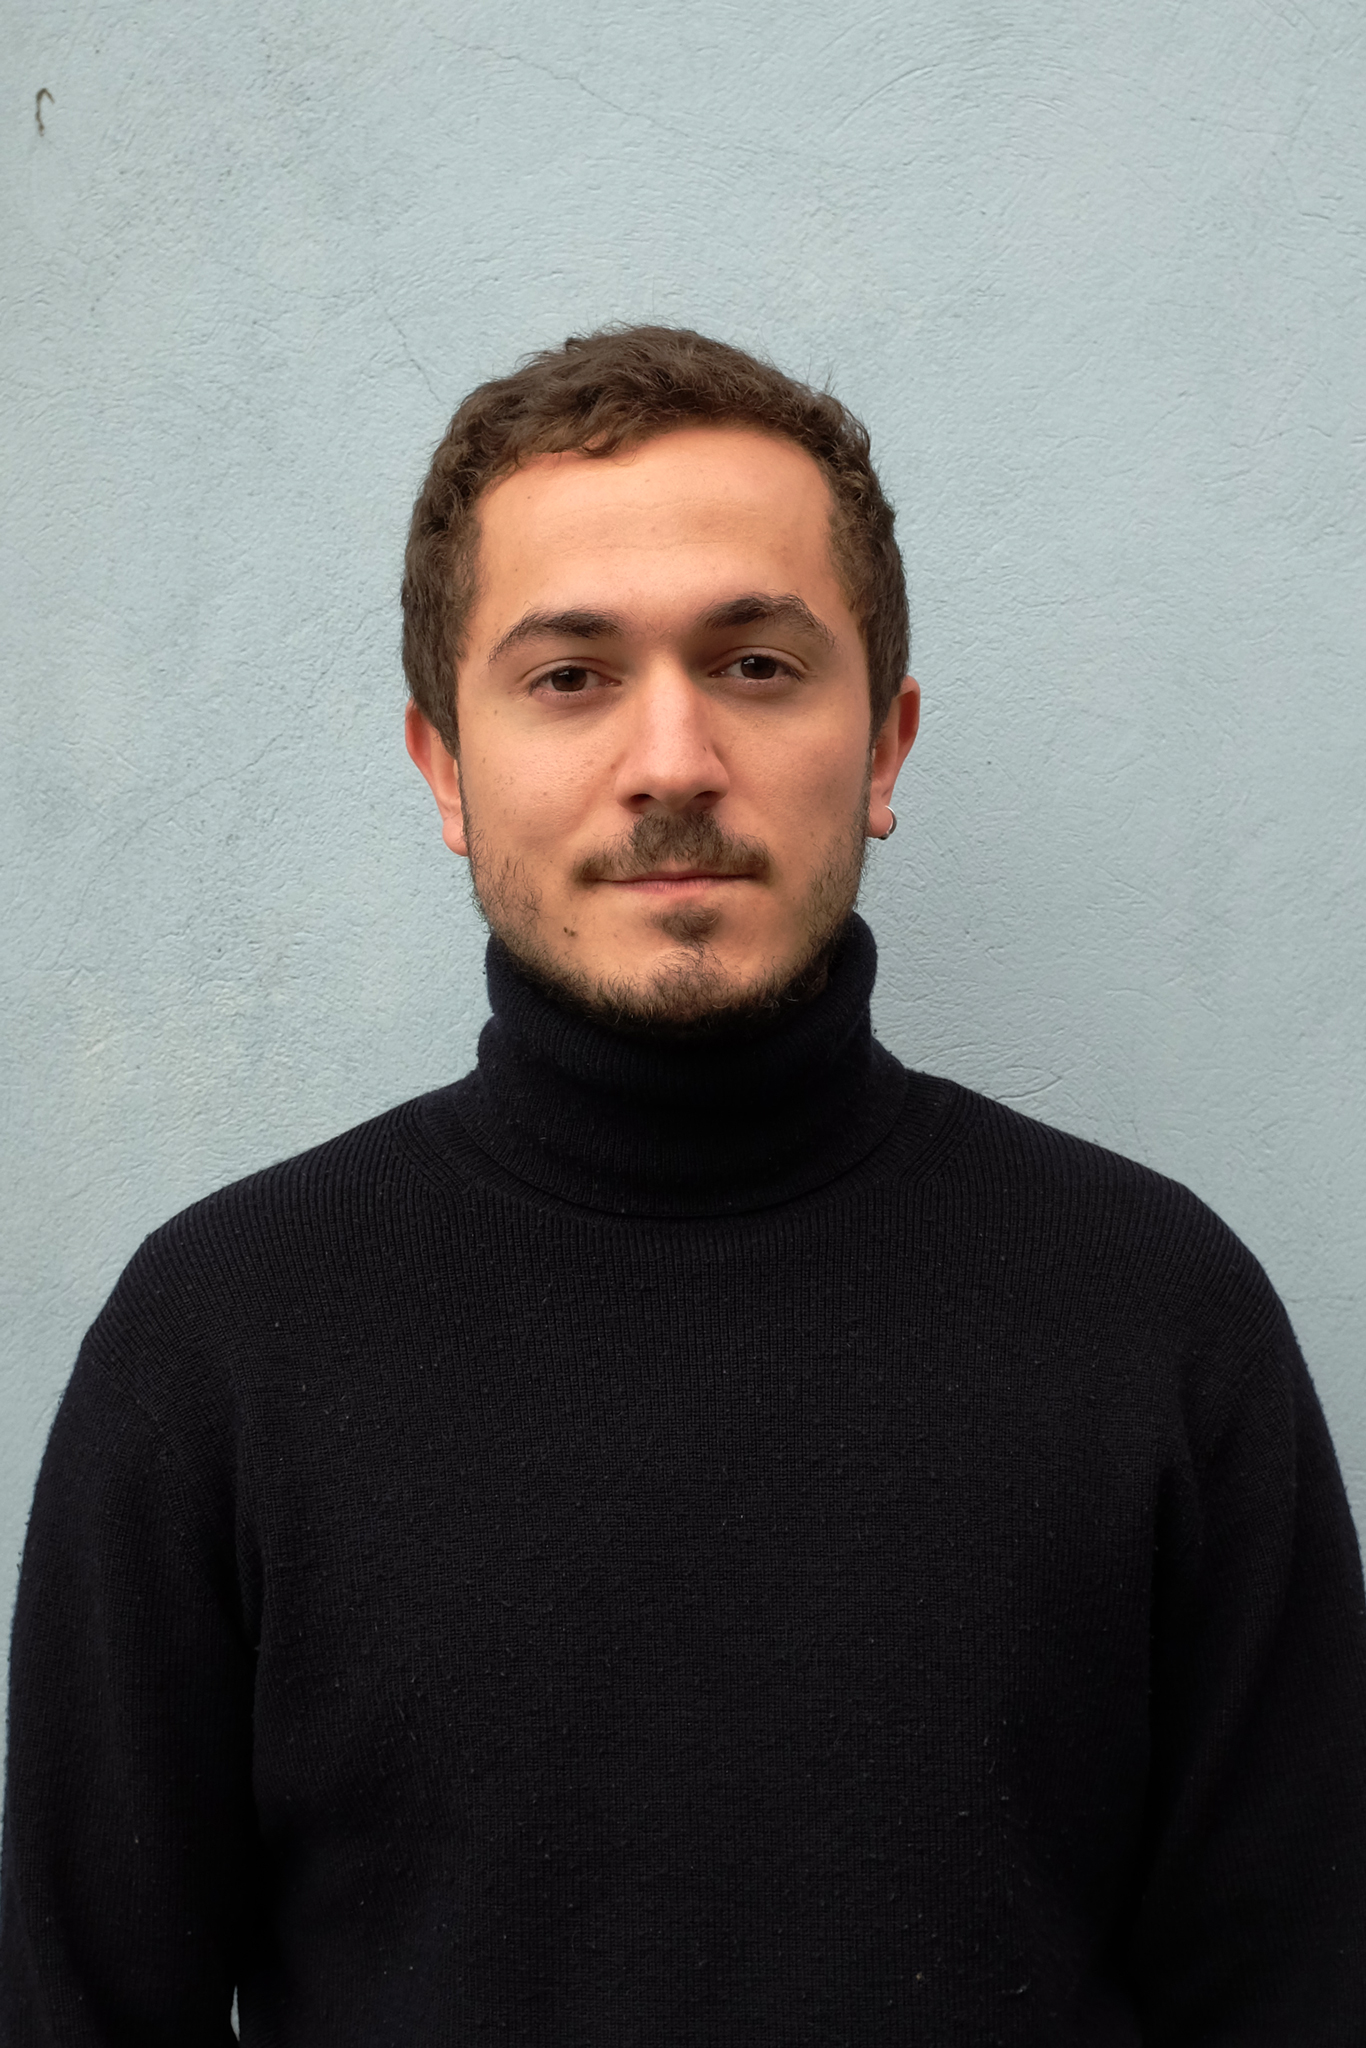 Portrait de Romain Weber, co-fondateur de Maison·g, Lyon, France